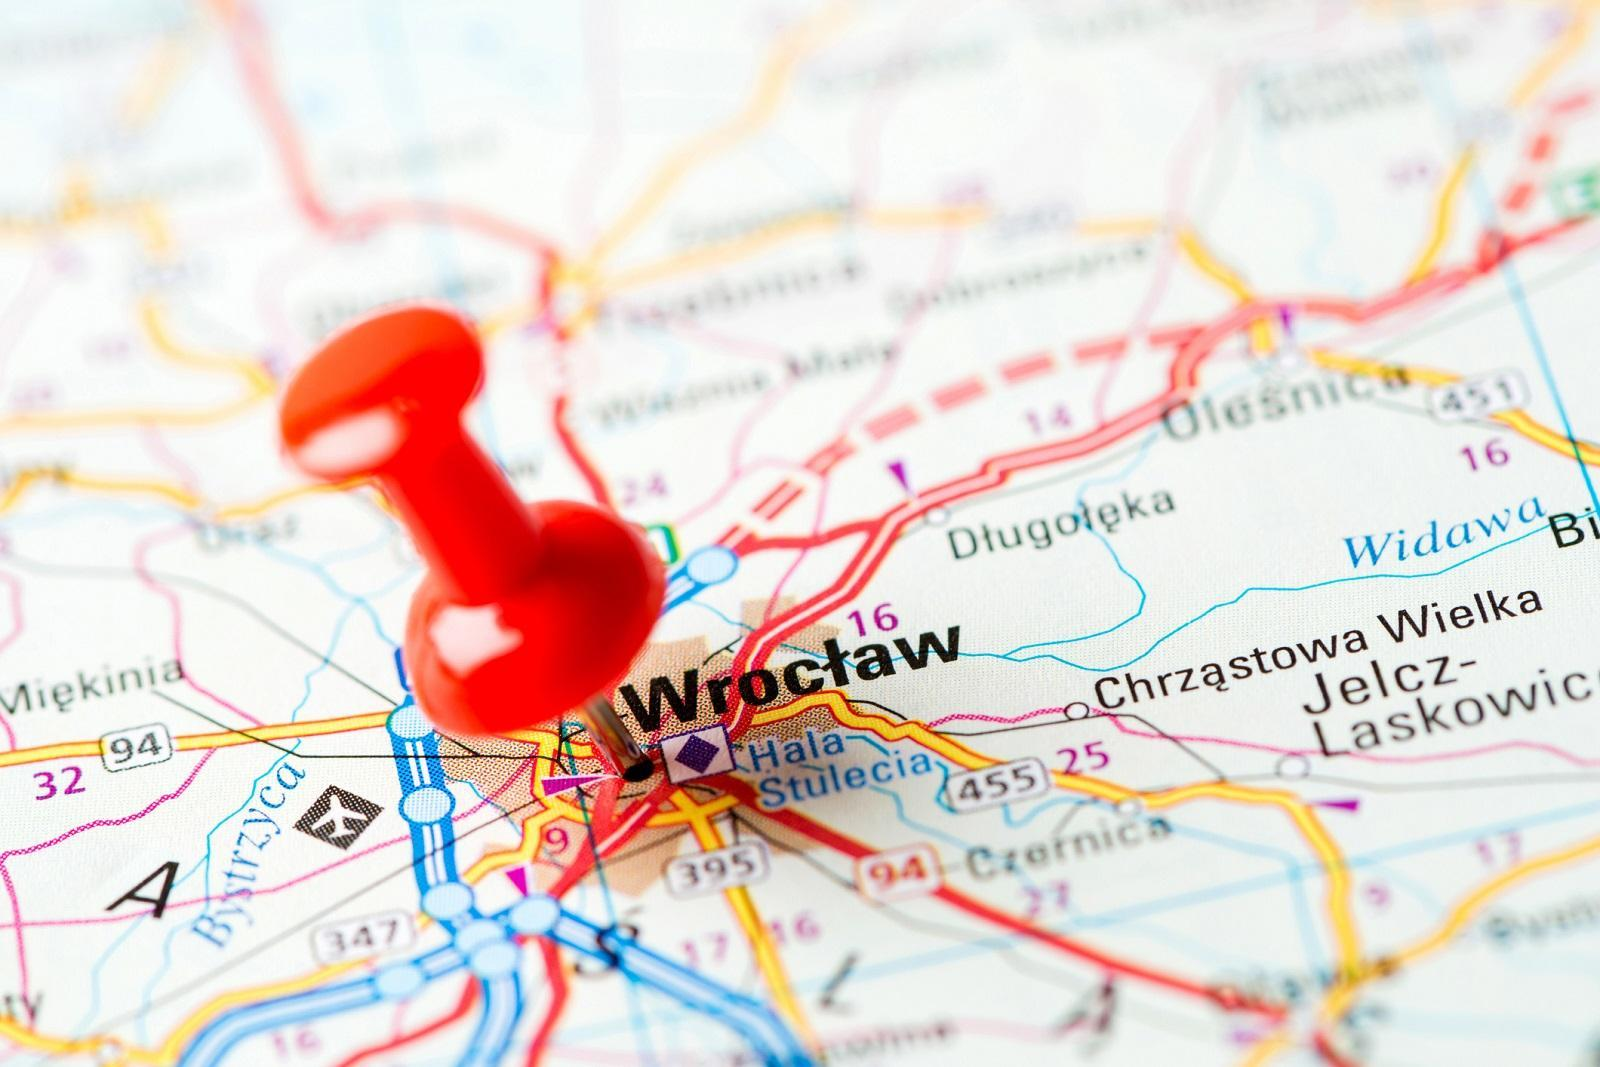 Planujesz przyjazd do Wrocławia